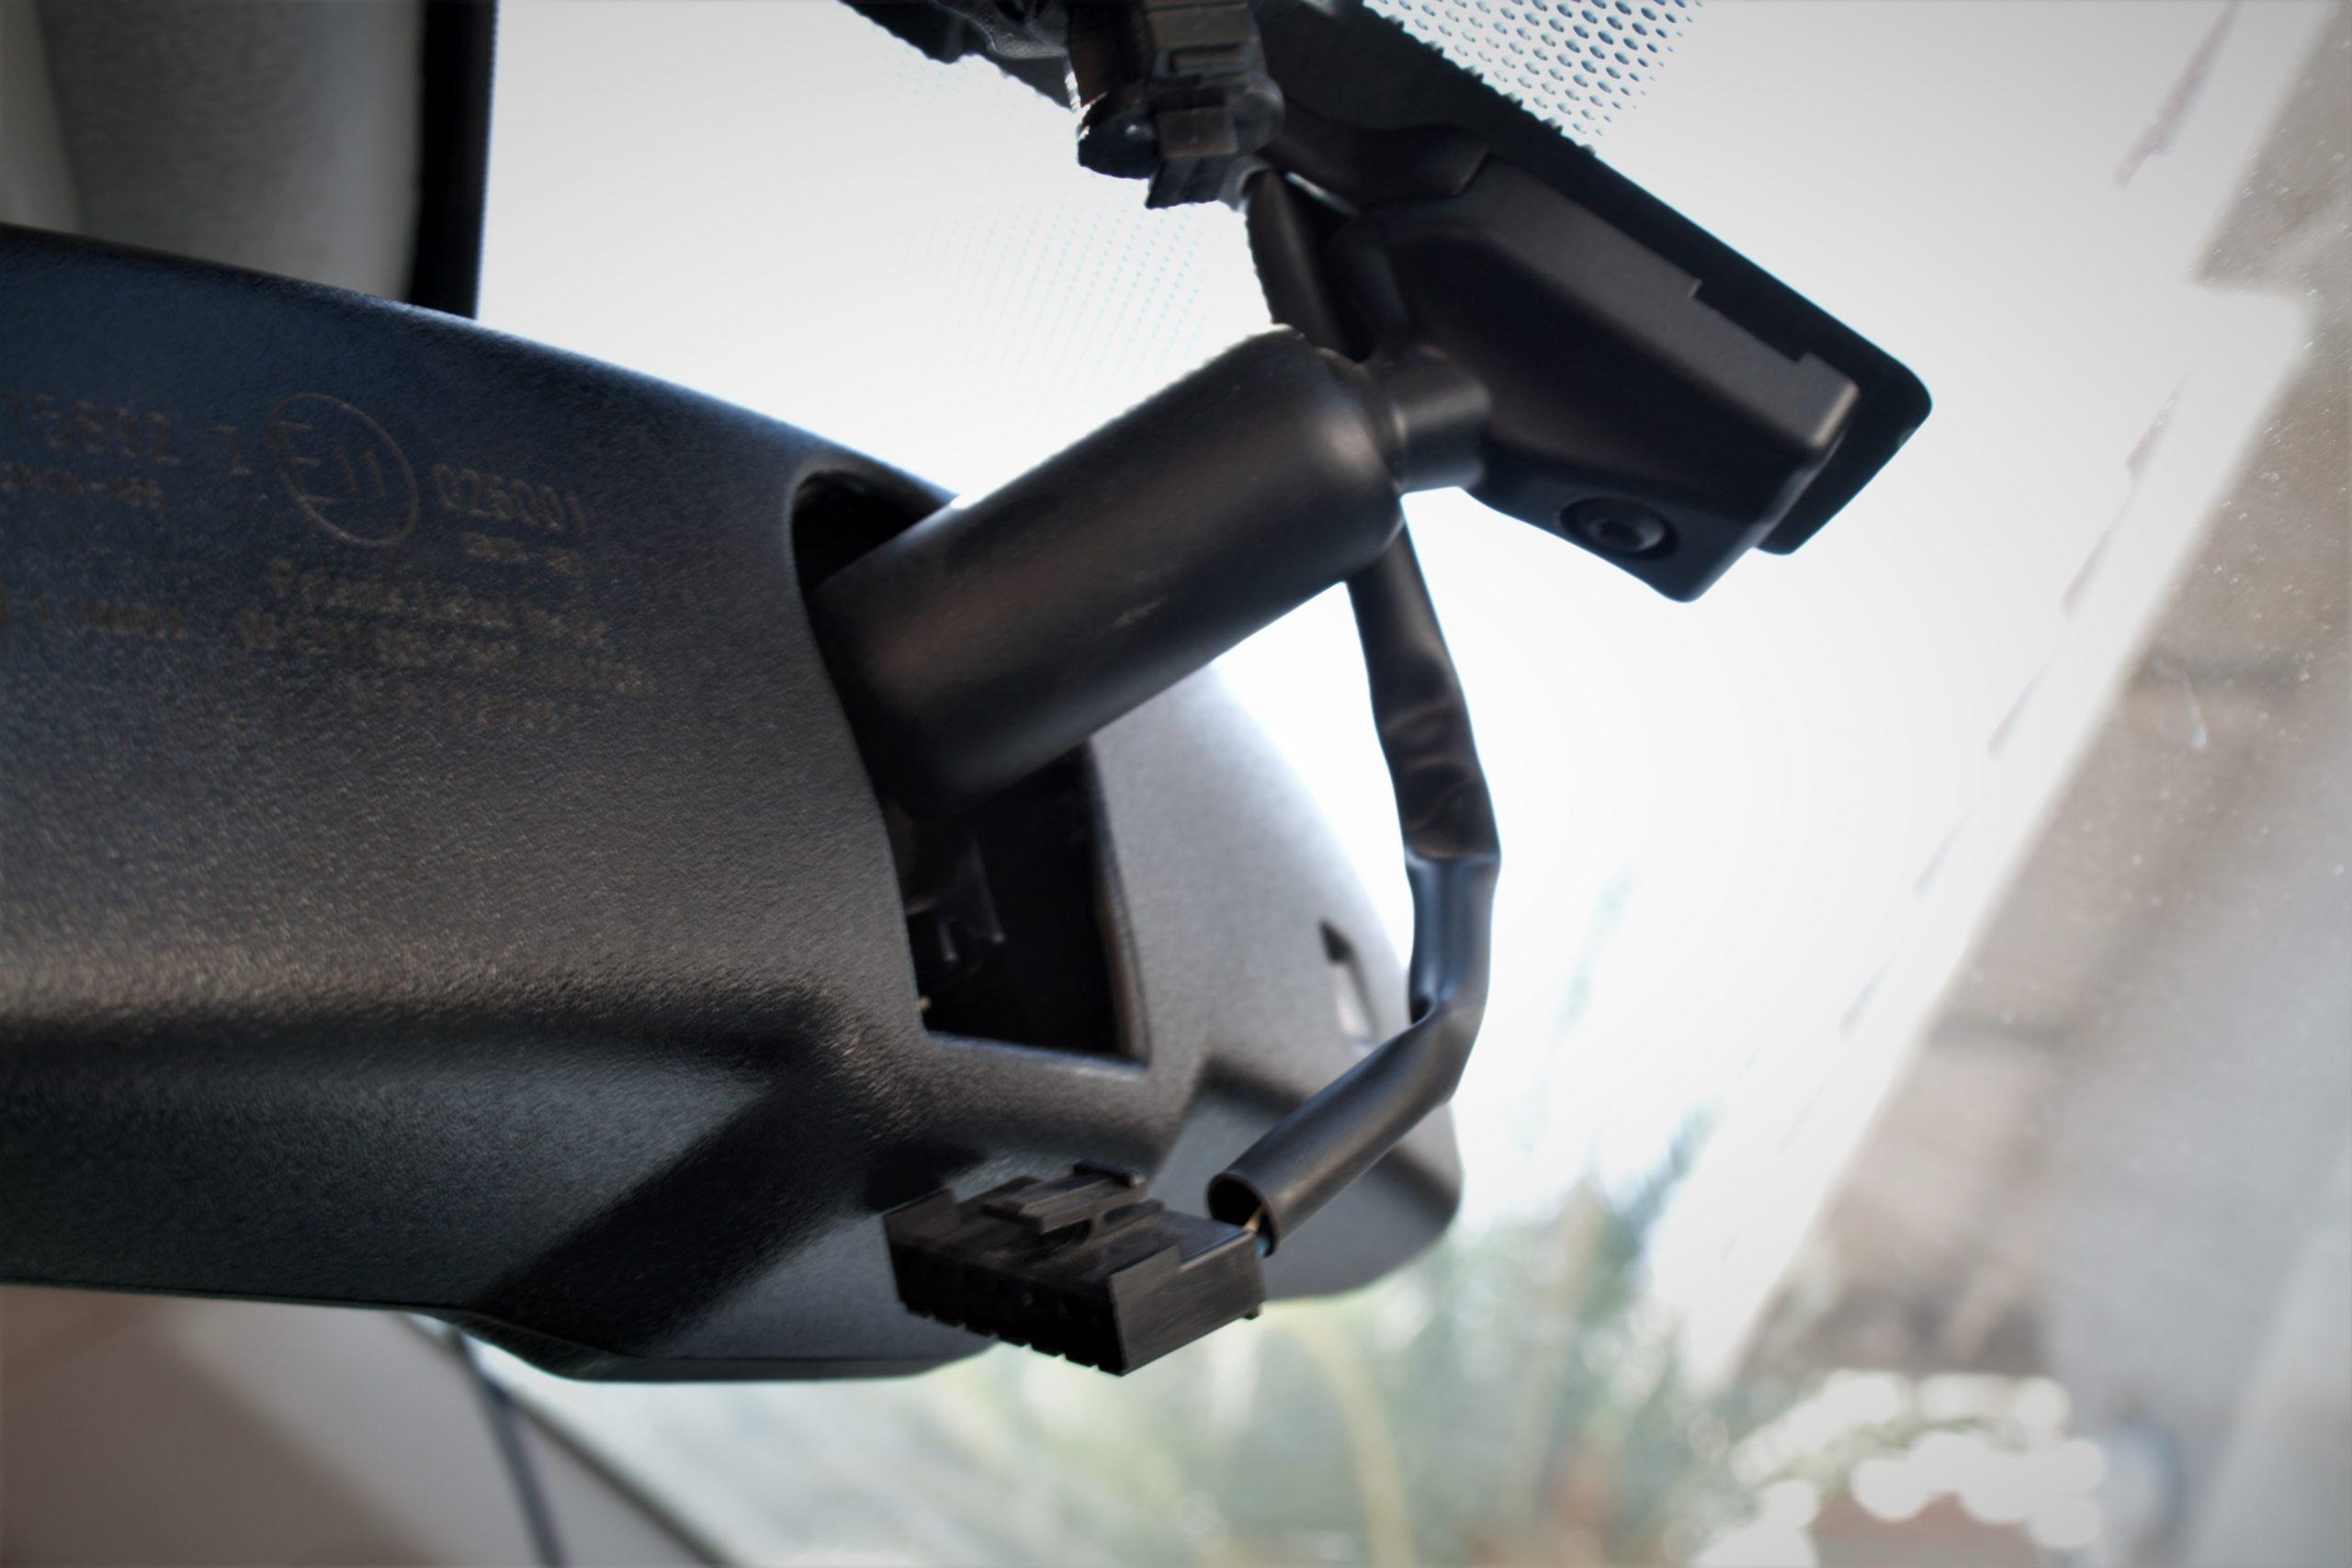 Dongar Technologies Dashcam Adapter Install - 5th Gen 4Runner